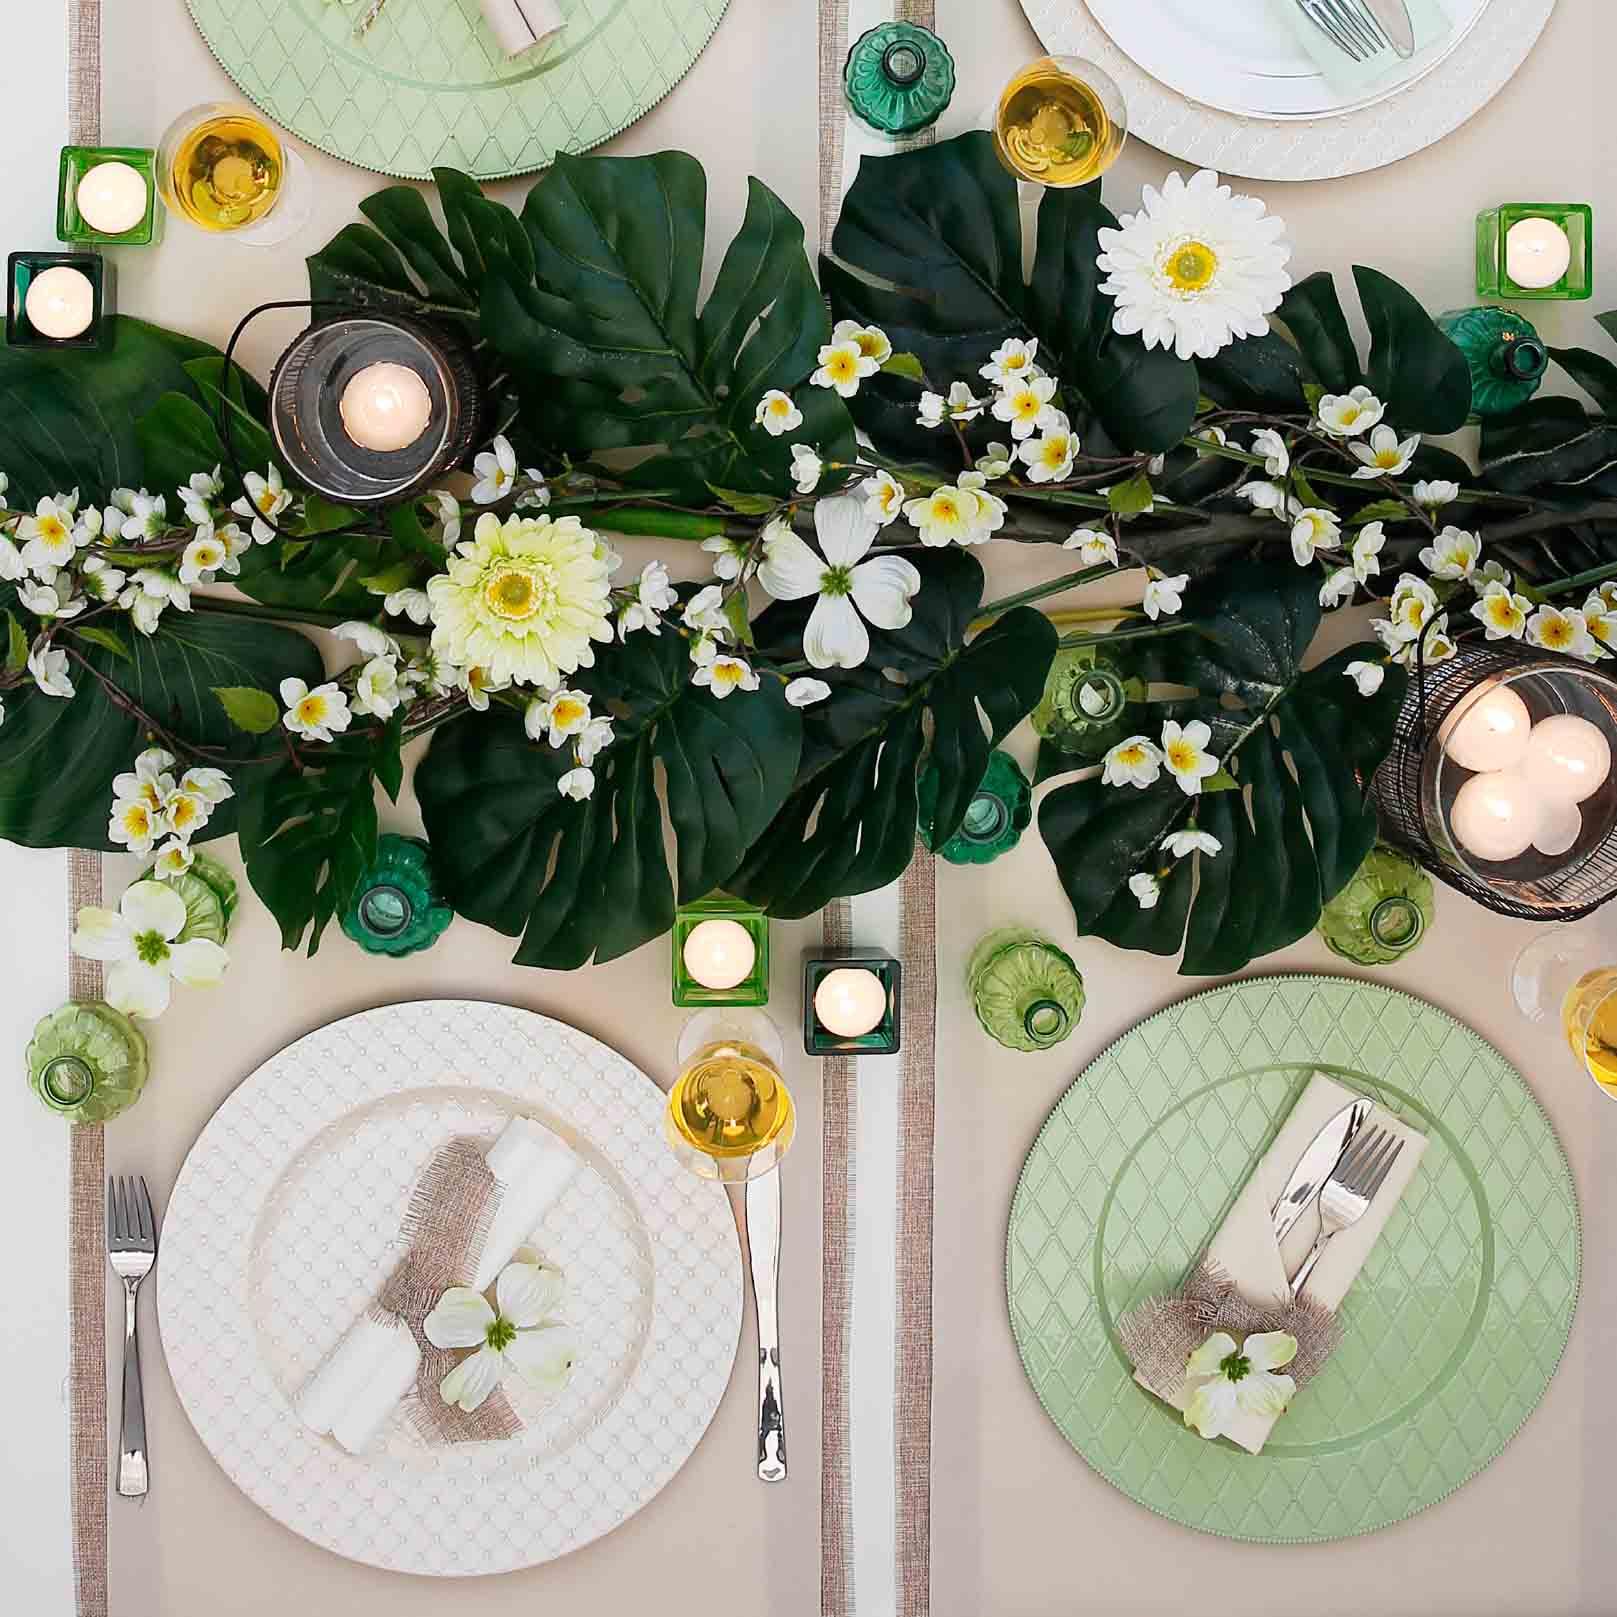 décoration de table printemps